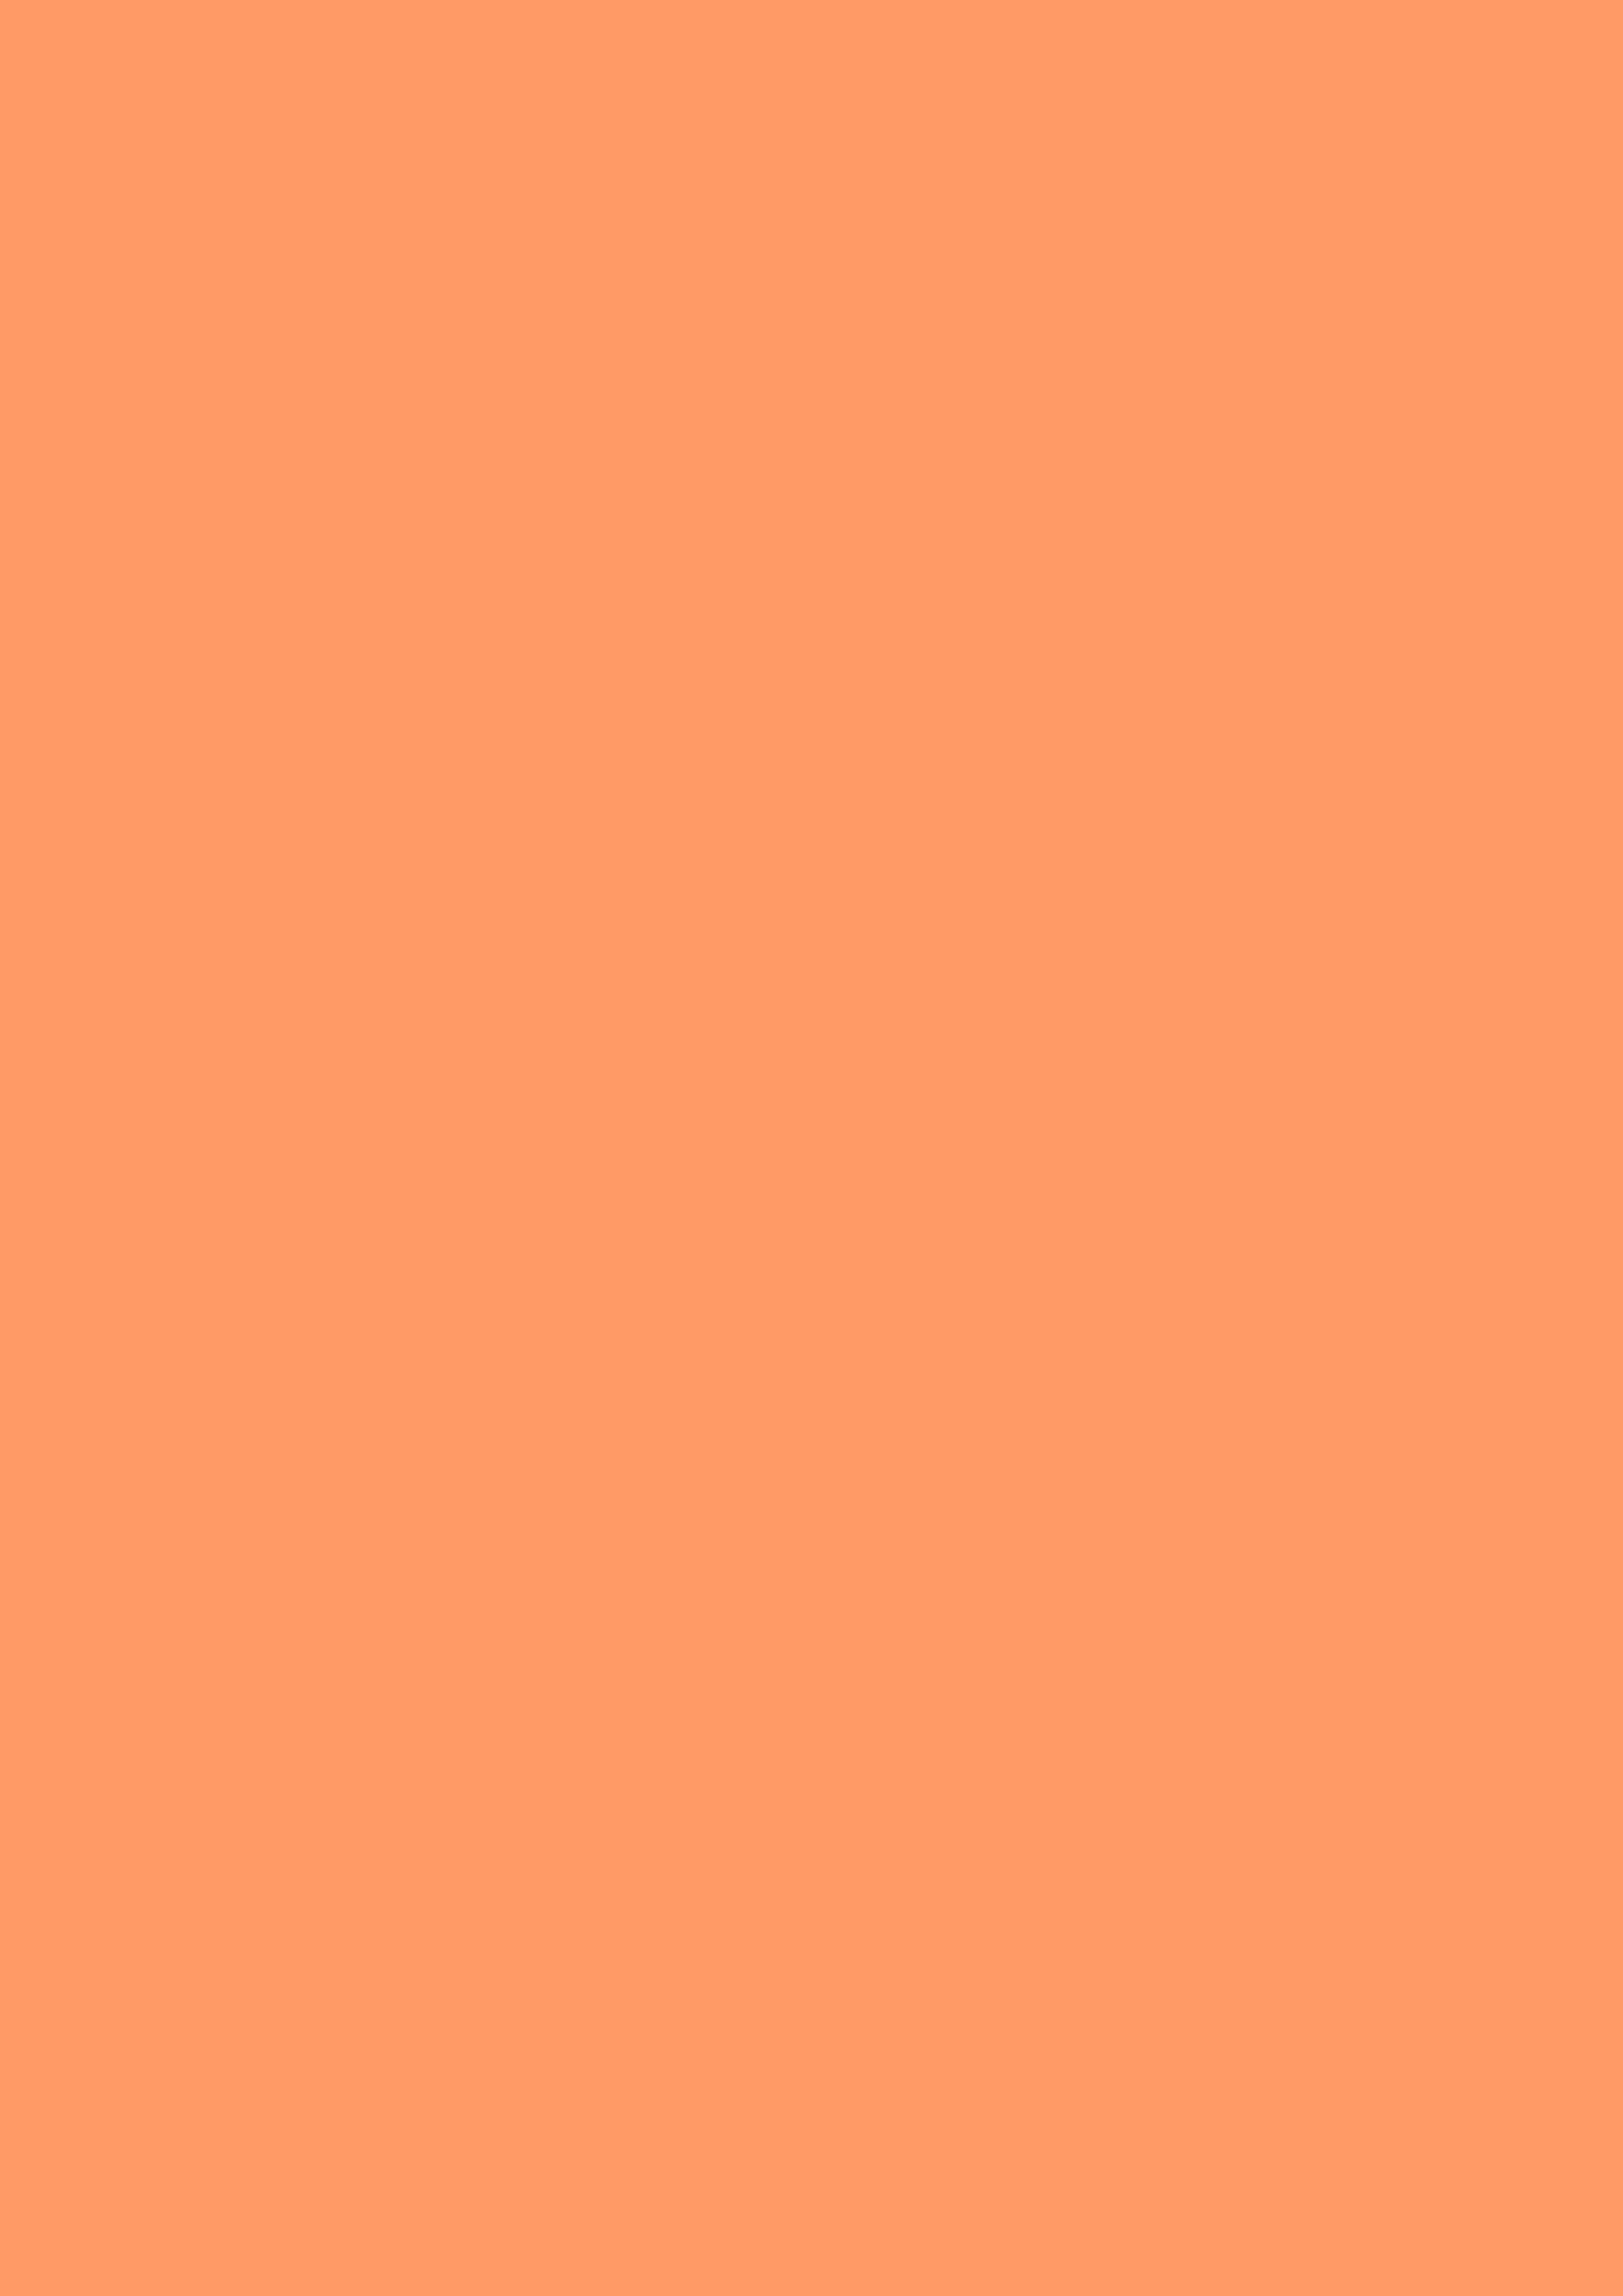 2480x3508 Pink-orange Solid Color Background